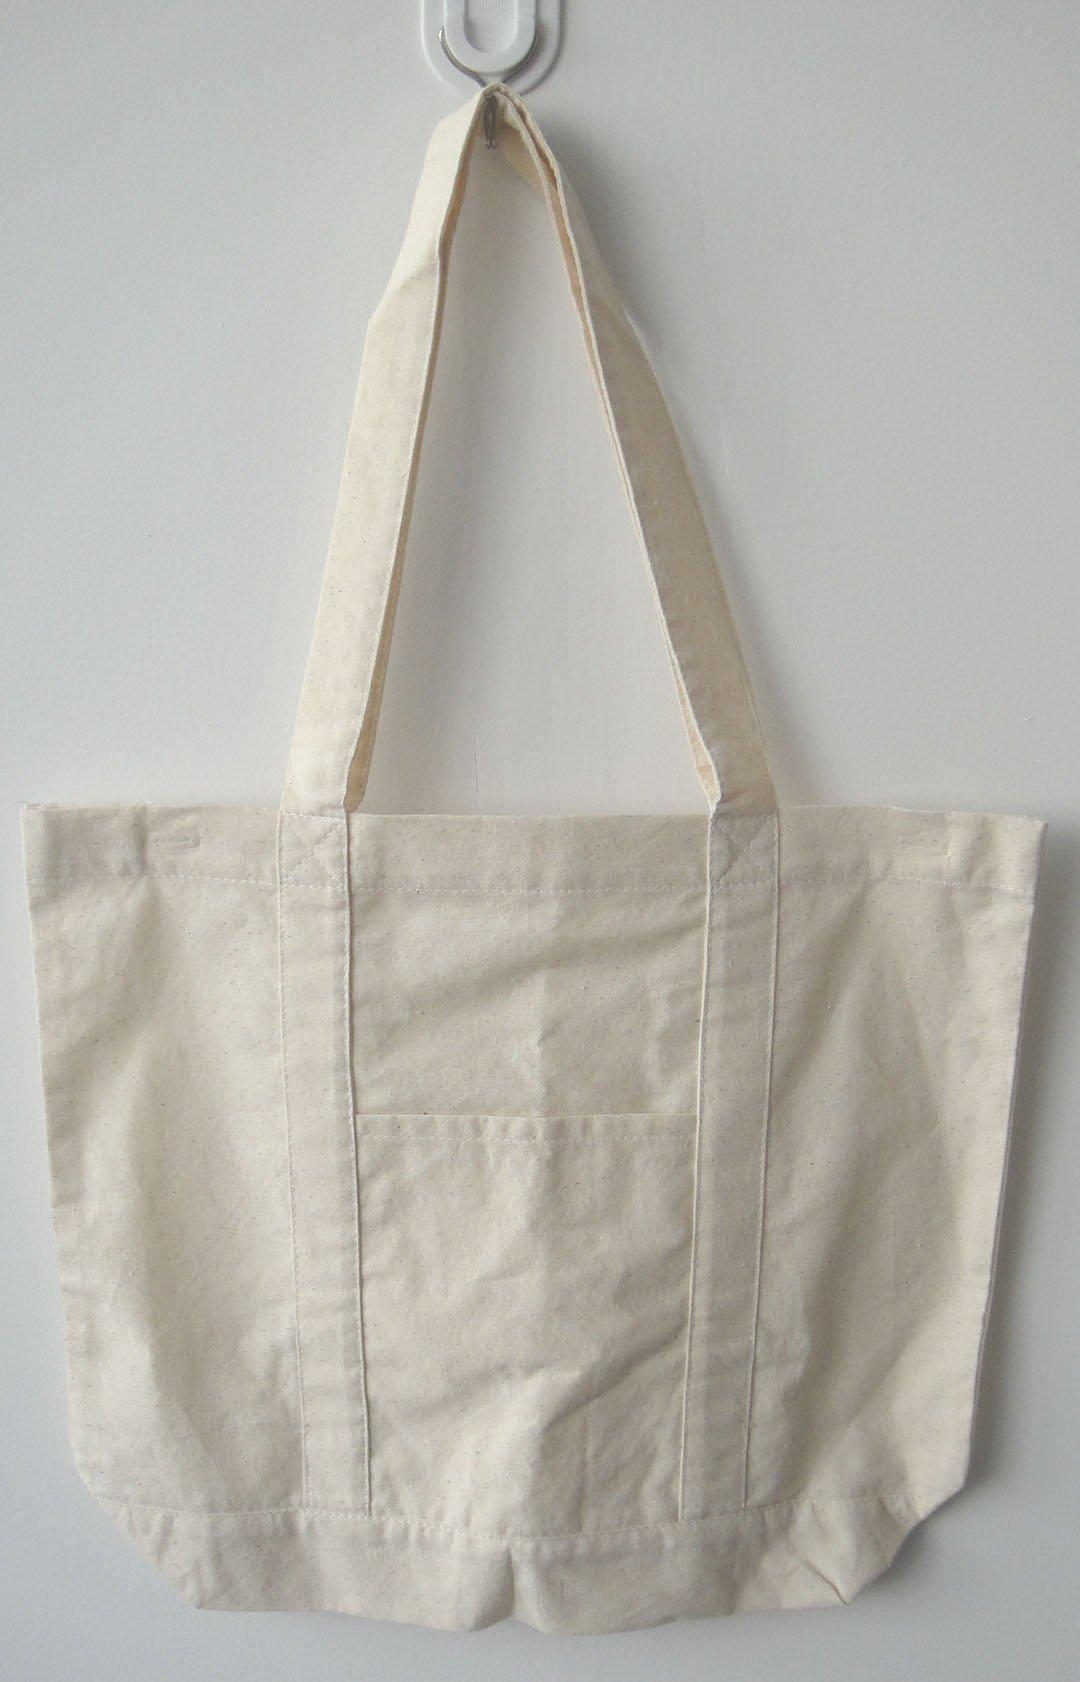 Plain 100% Cotton Beach Bags - Buy 100% Cotton Beach Bags,Beach ...